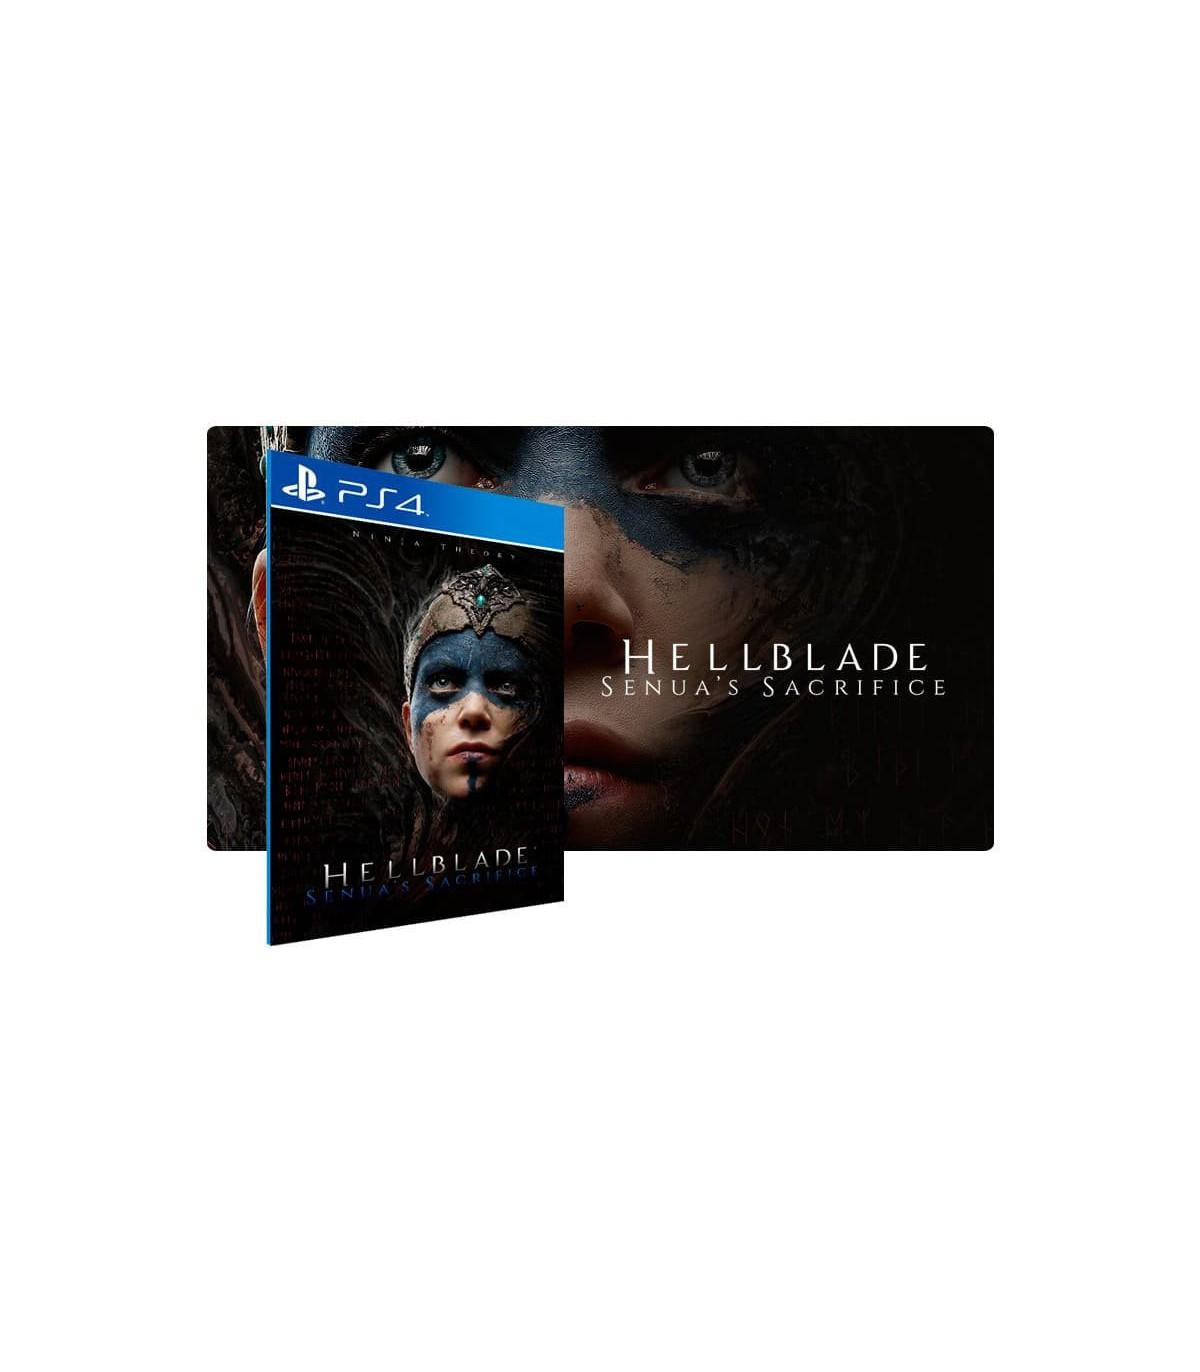 بازی Hellblade: Senua's Sacrifice - پلی استیشن 4